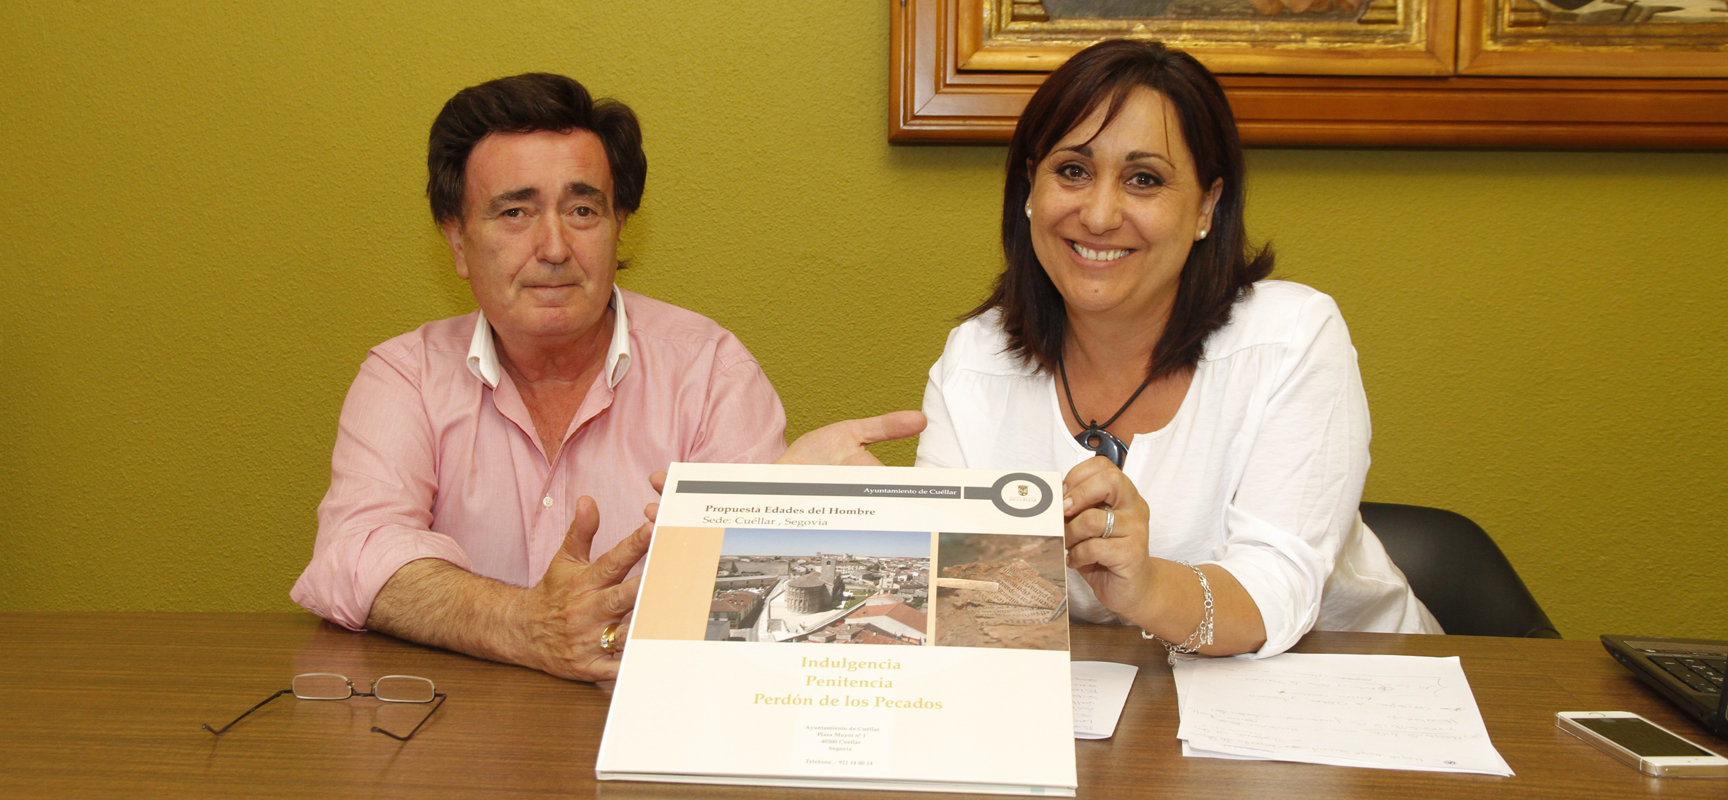 El alcalde y la concejala de Turismo de la villa, durante la presentación de la candidatura de Cuéllar.